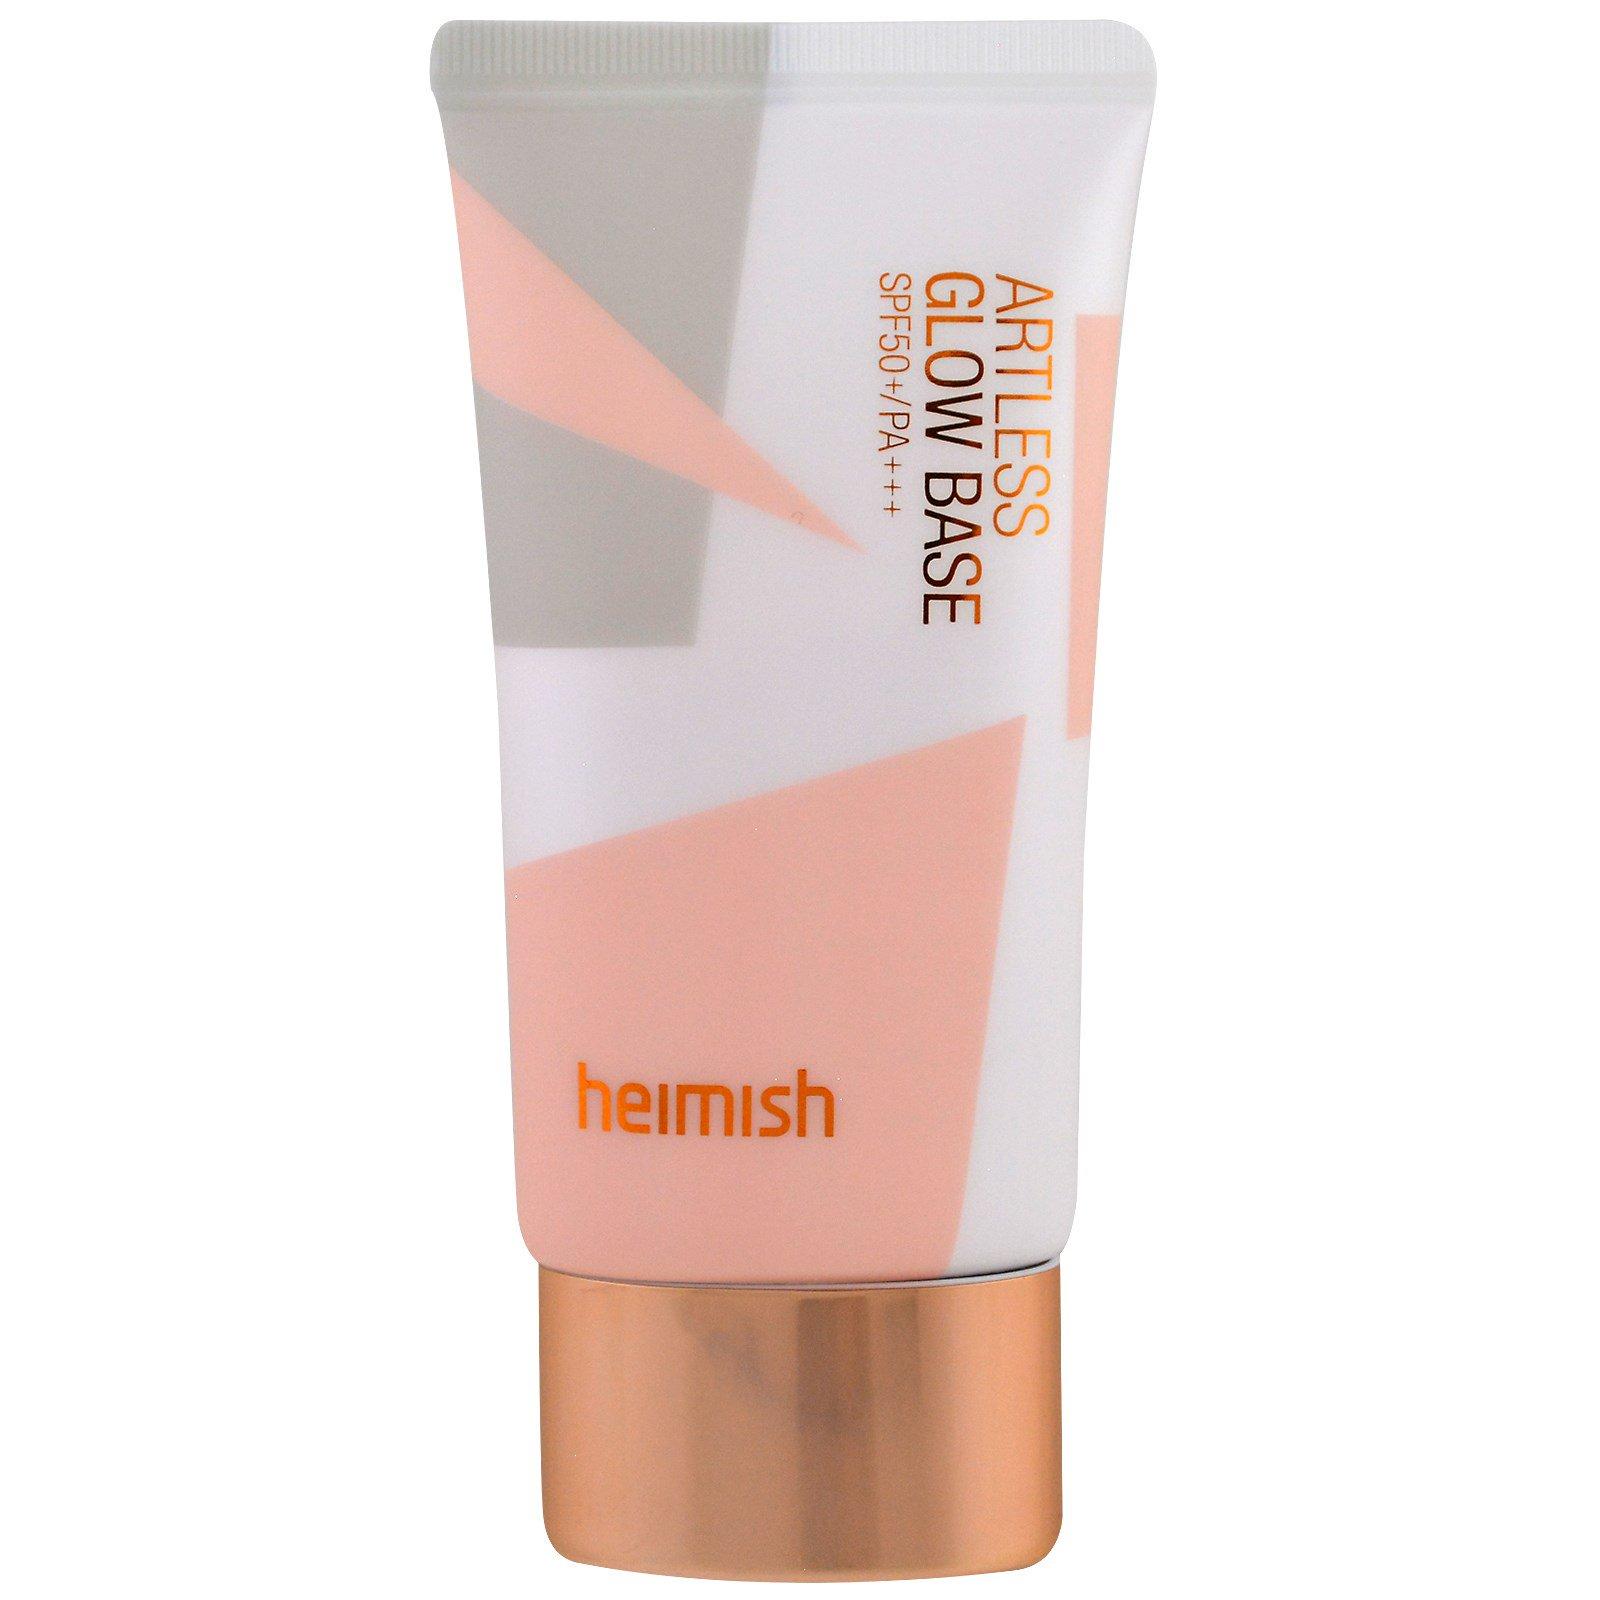 Heimish, без искусственных добавок, основа для румян, солнцезащитный фактор 50 +/фотоактивность +++, 40 мл